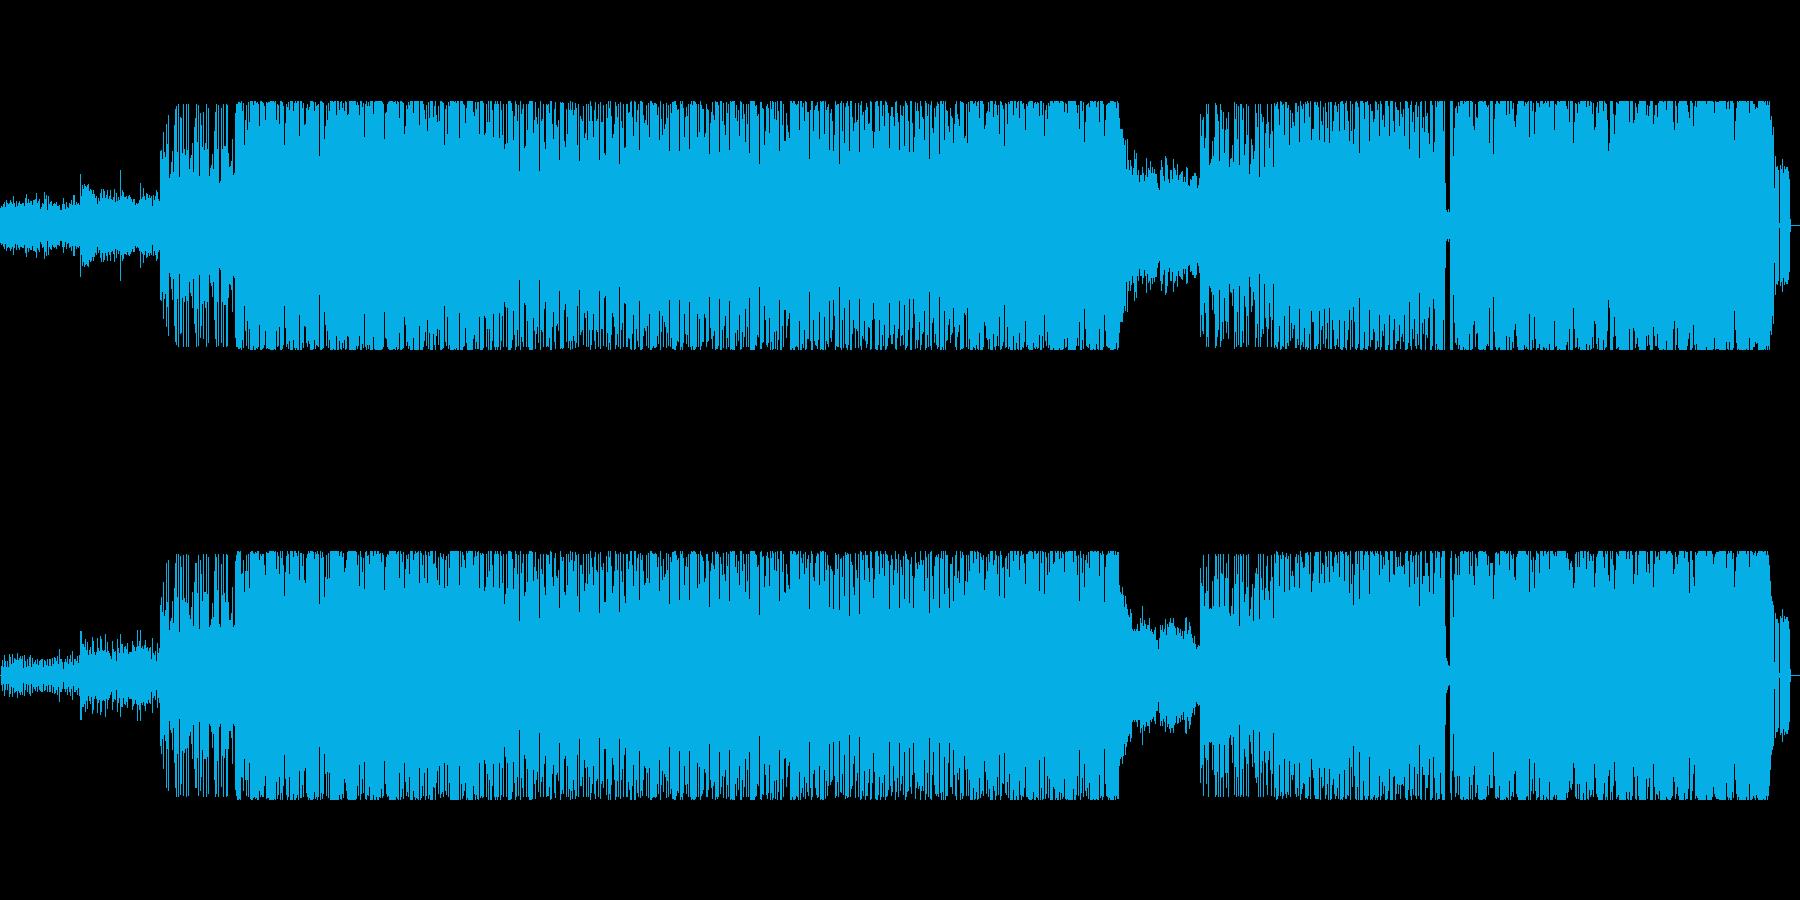 元気の出る明るい曲調のインスト曲の再生済みの波形